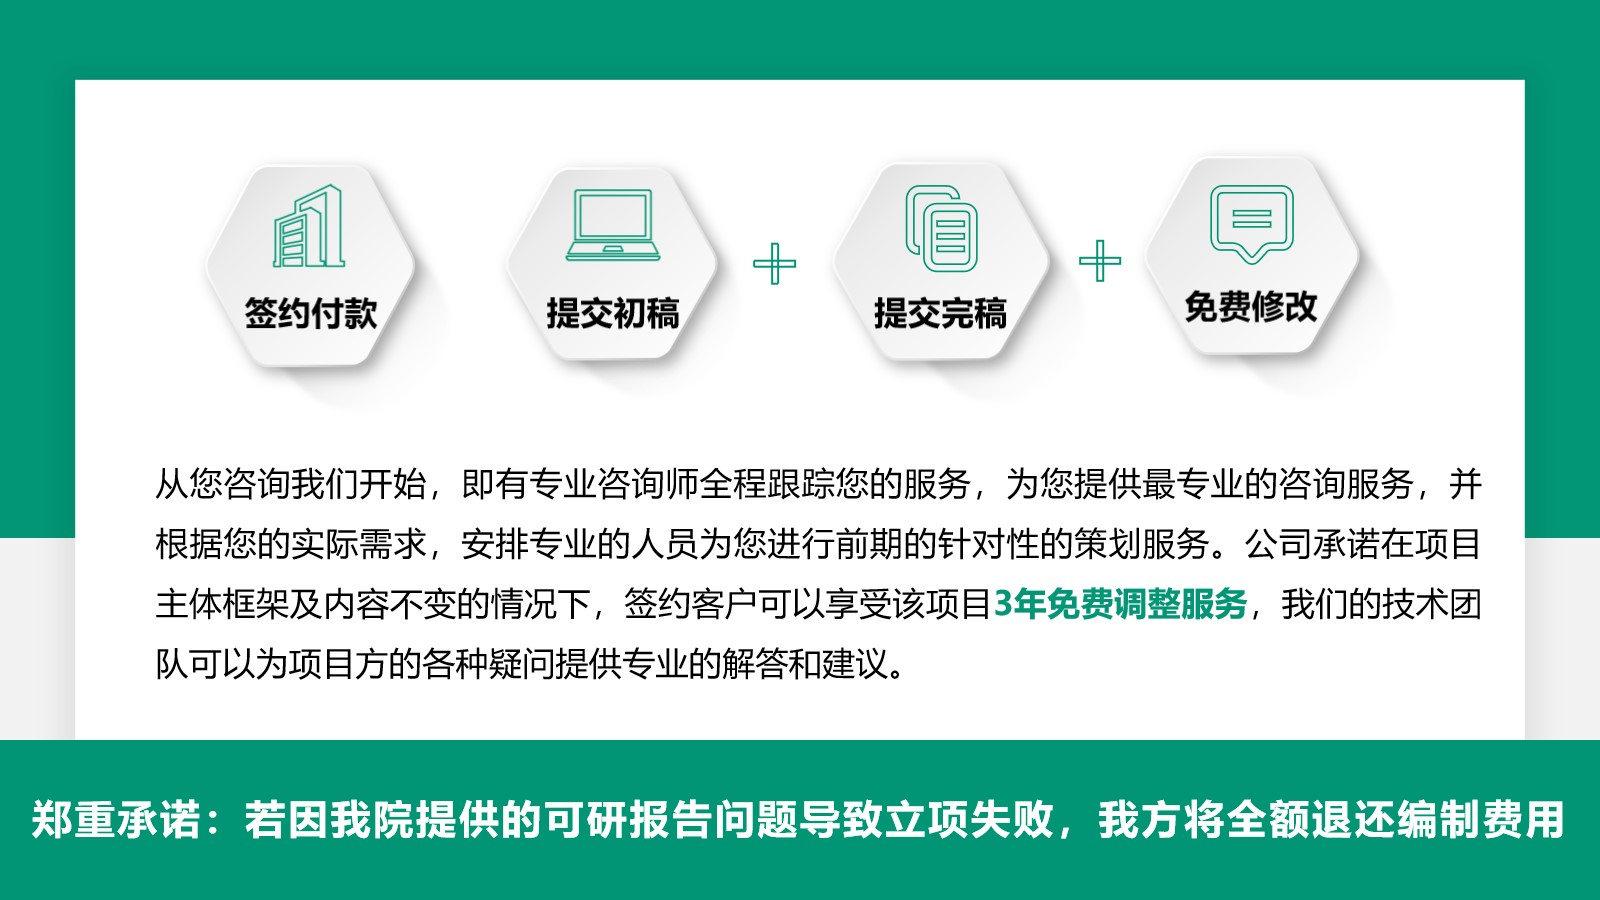 屯昌当地写节能评估报告的公司多少钱